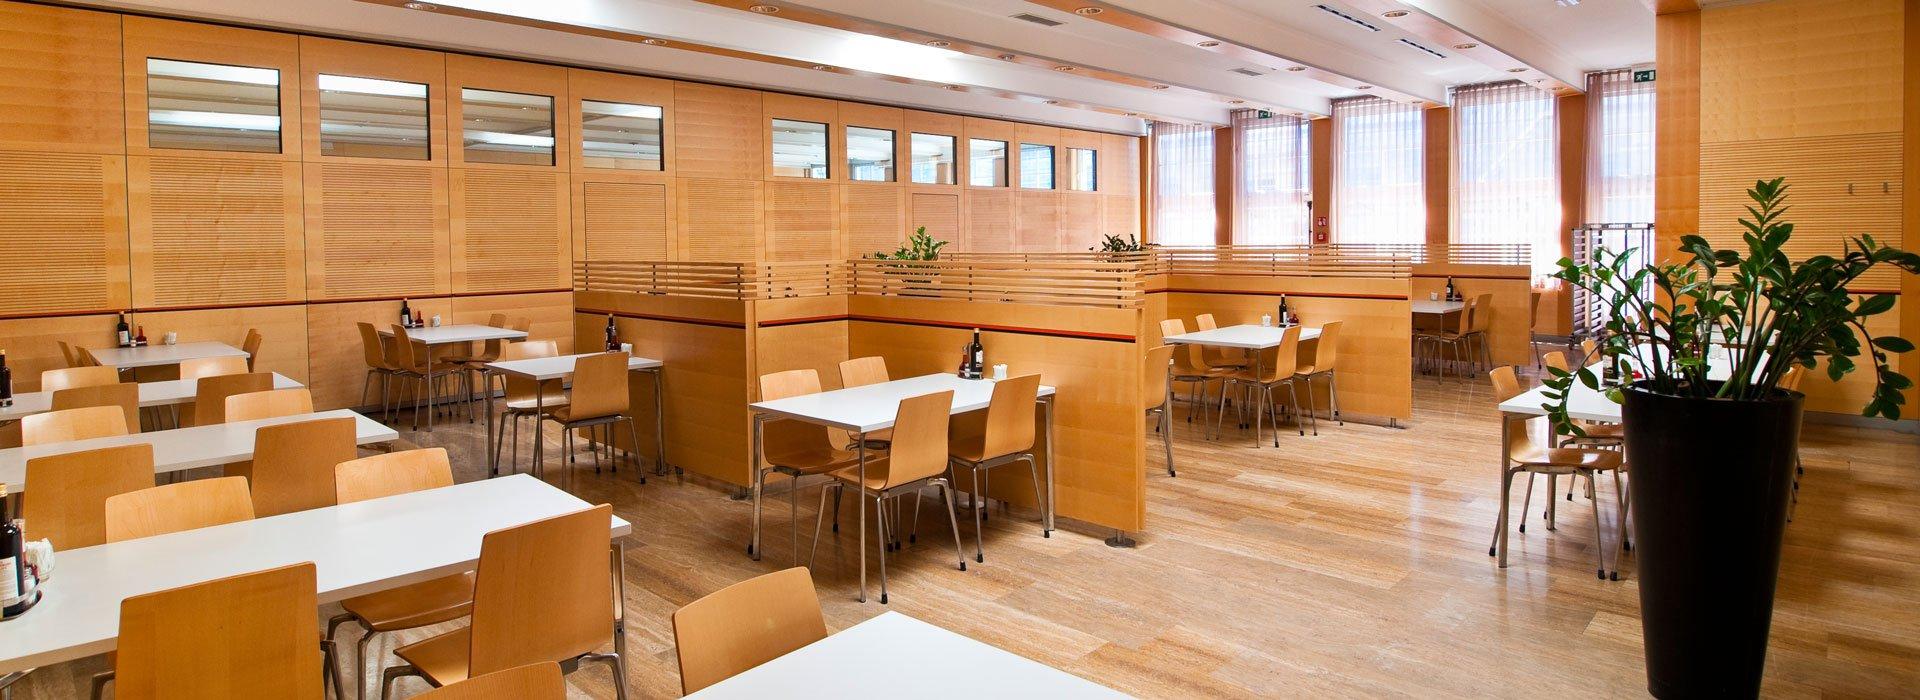 hotel-bozen-kolpinghaus-3